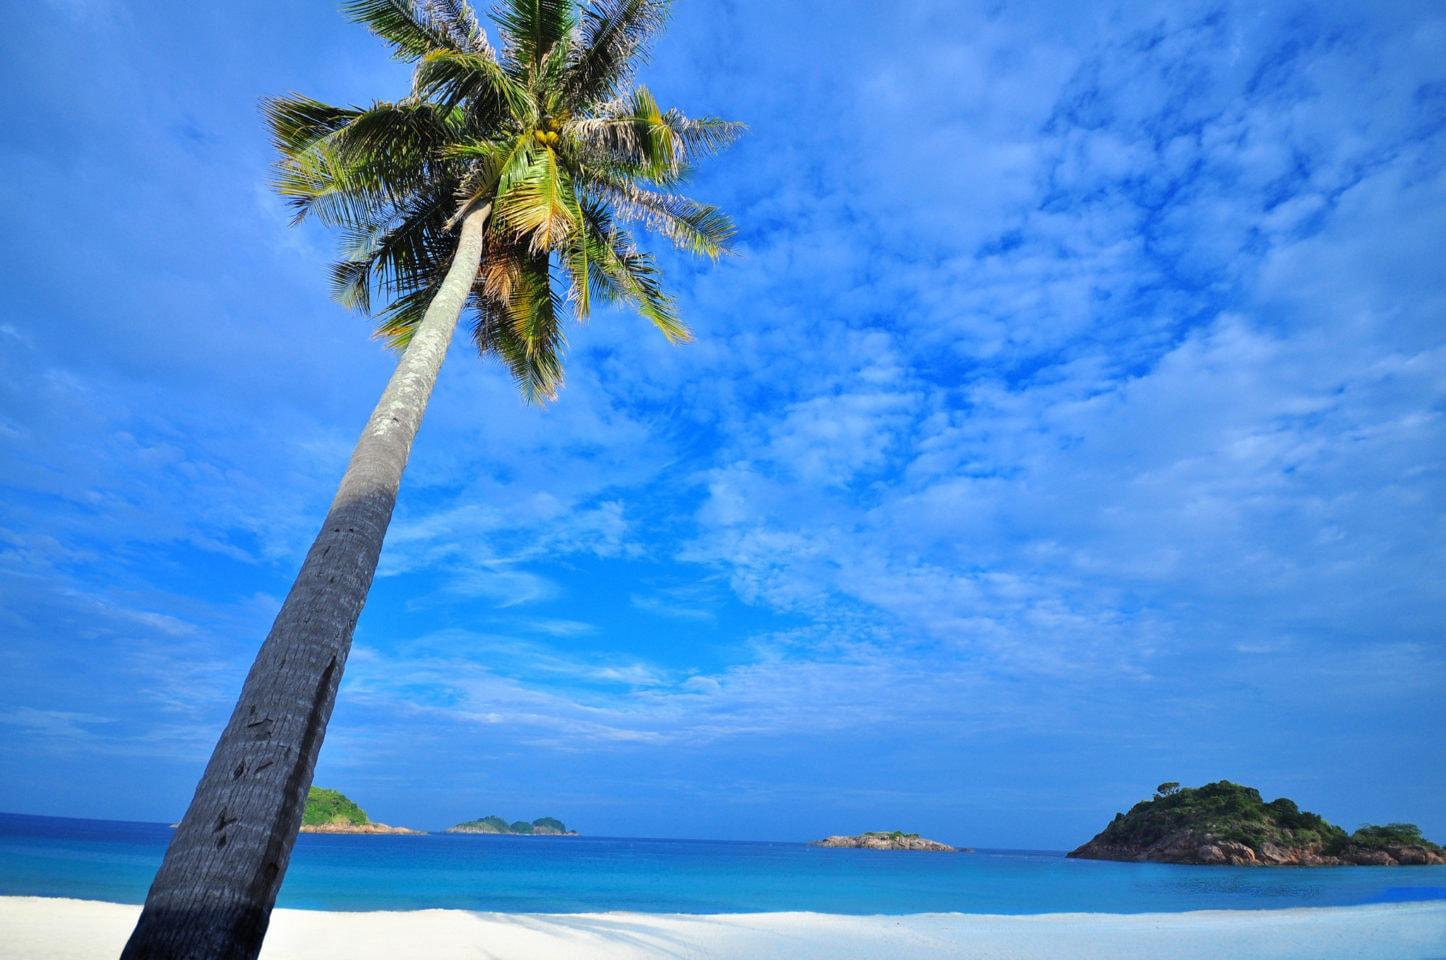 En paradisö med palmer, blå himmel och mjuk sand